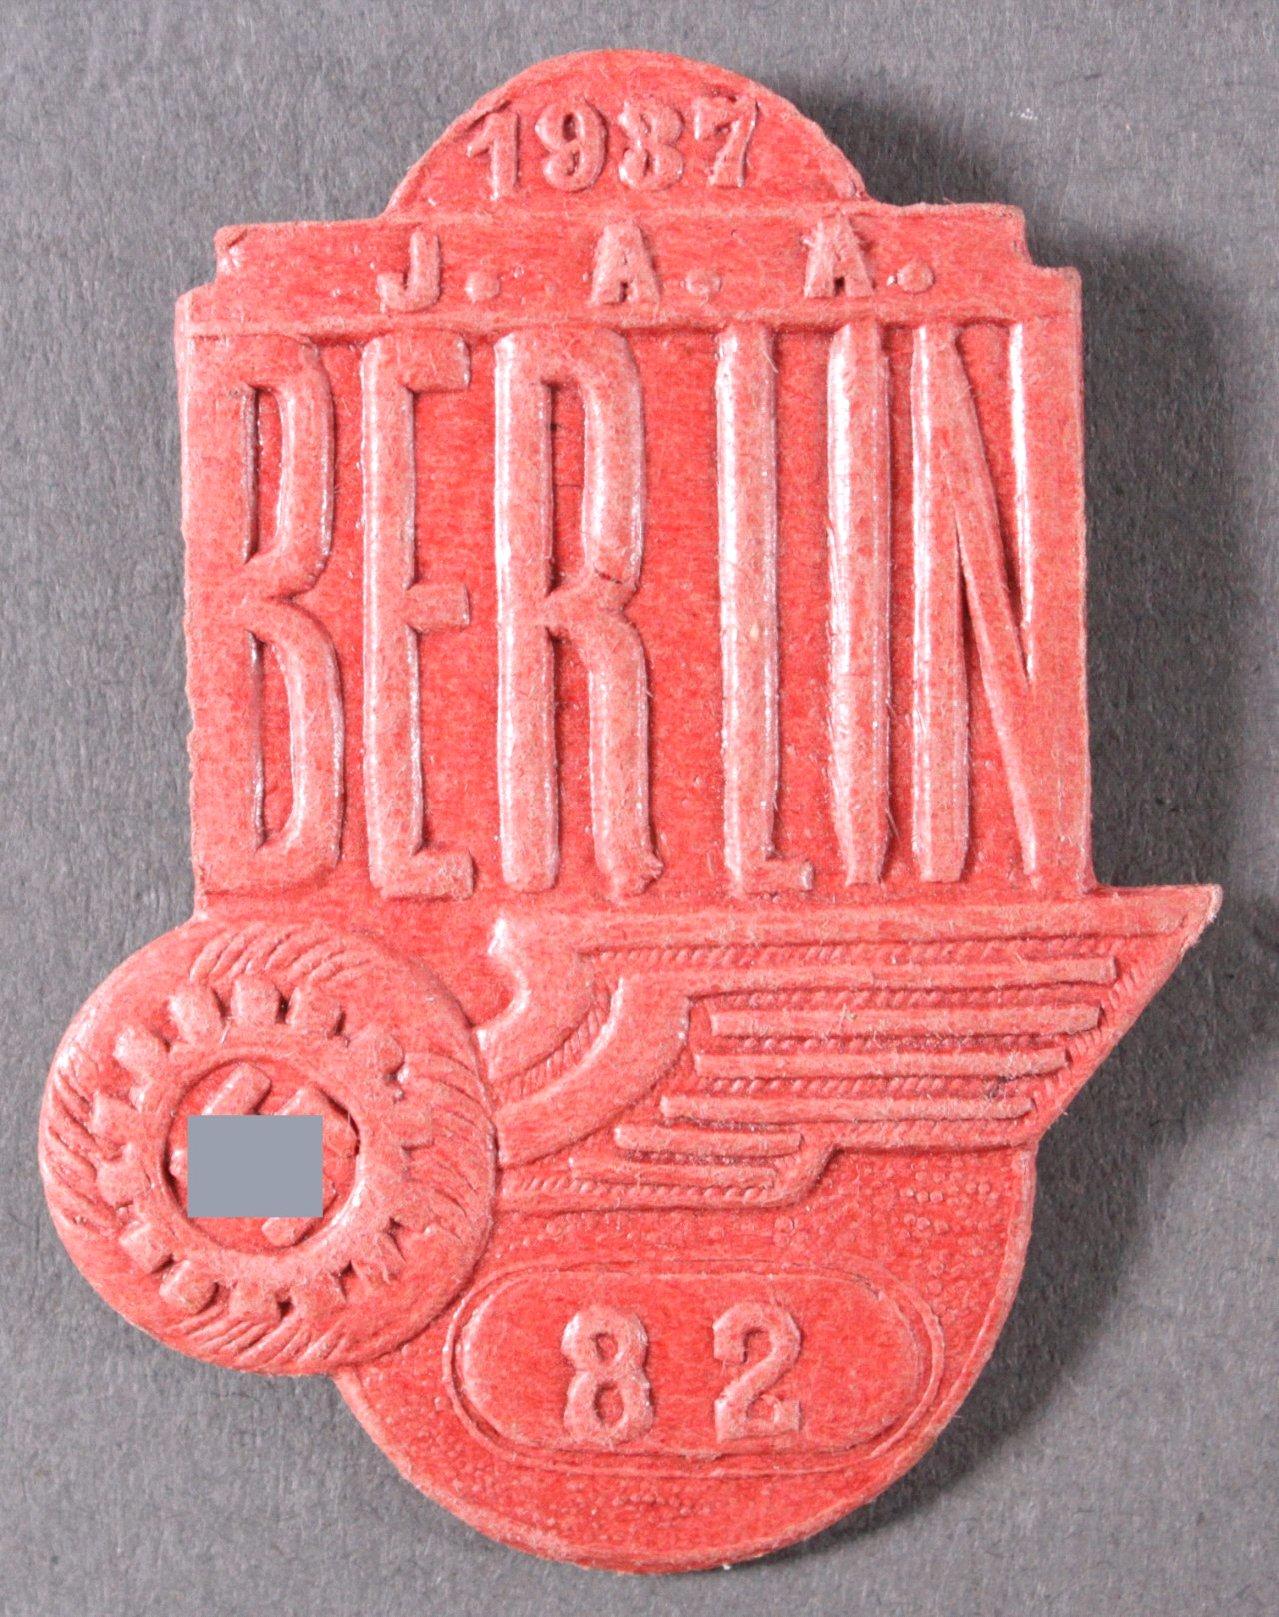 Veranstaltungsabzeichen IAA Berlin 1937